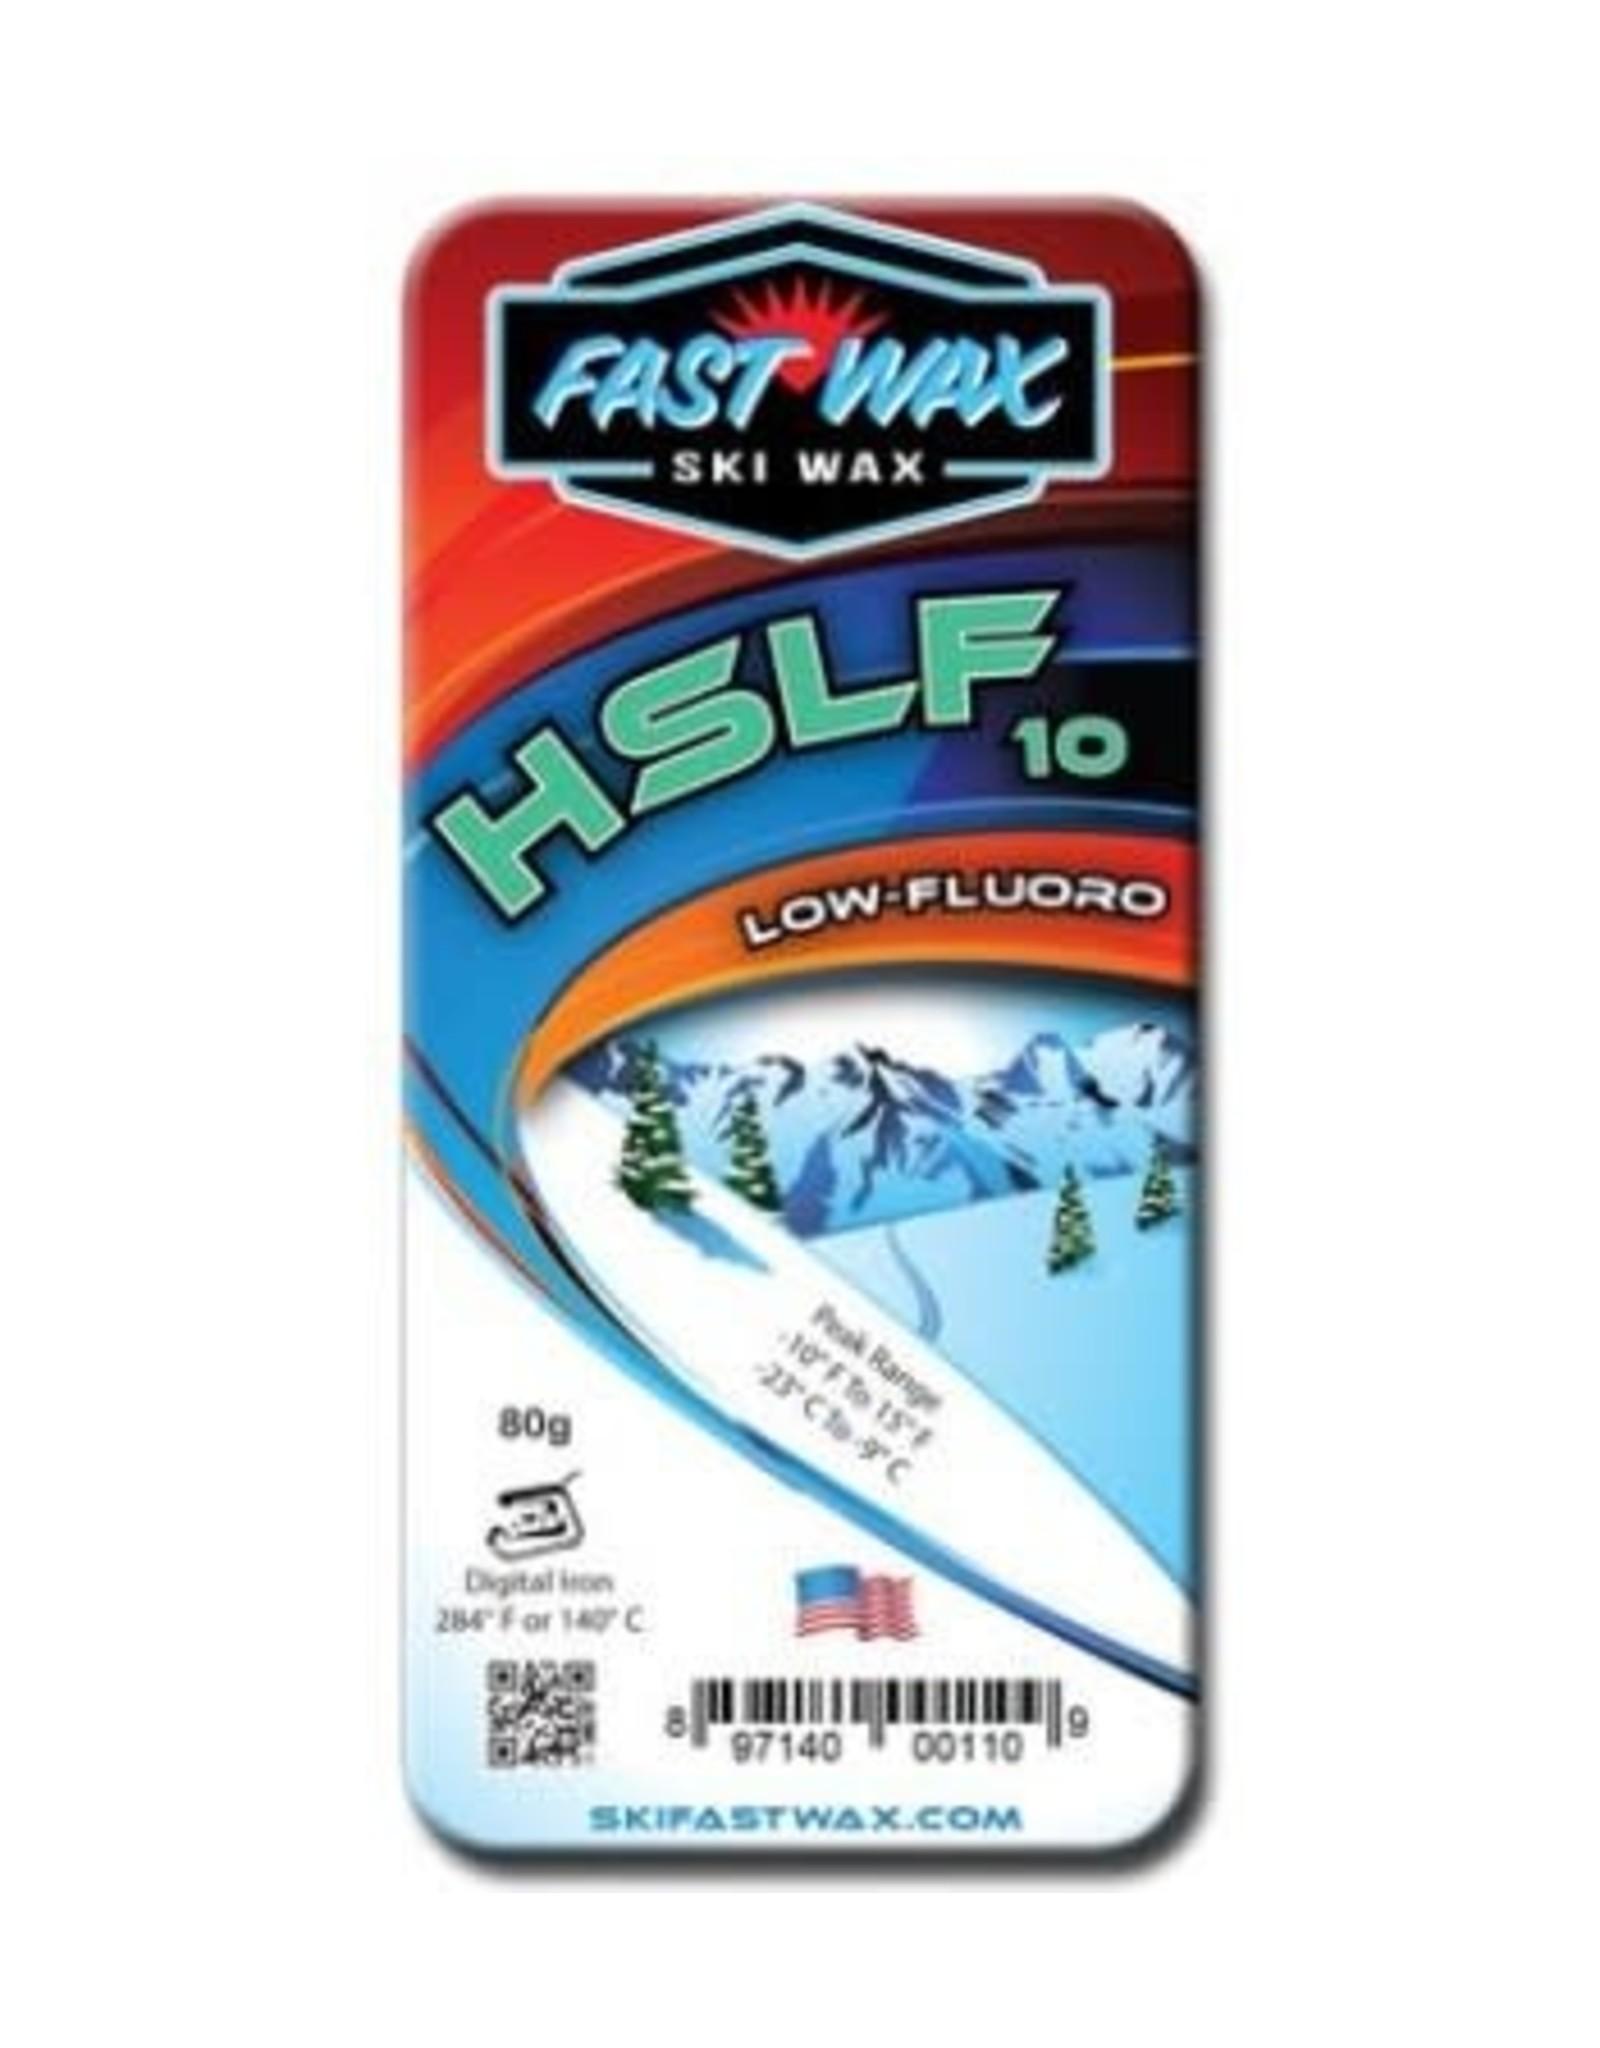 Fast Wax Fast Wax HSLF 10 Teal